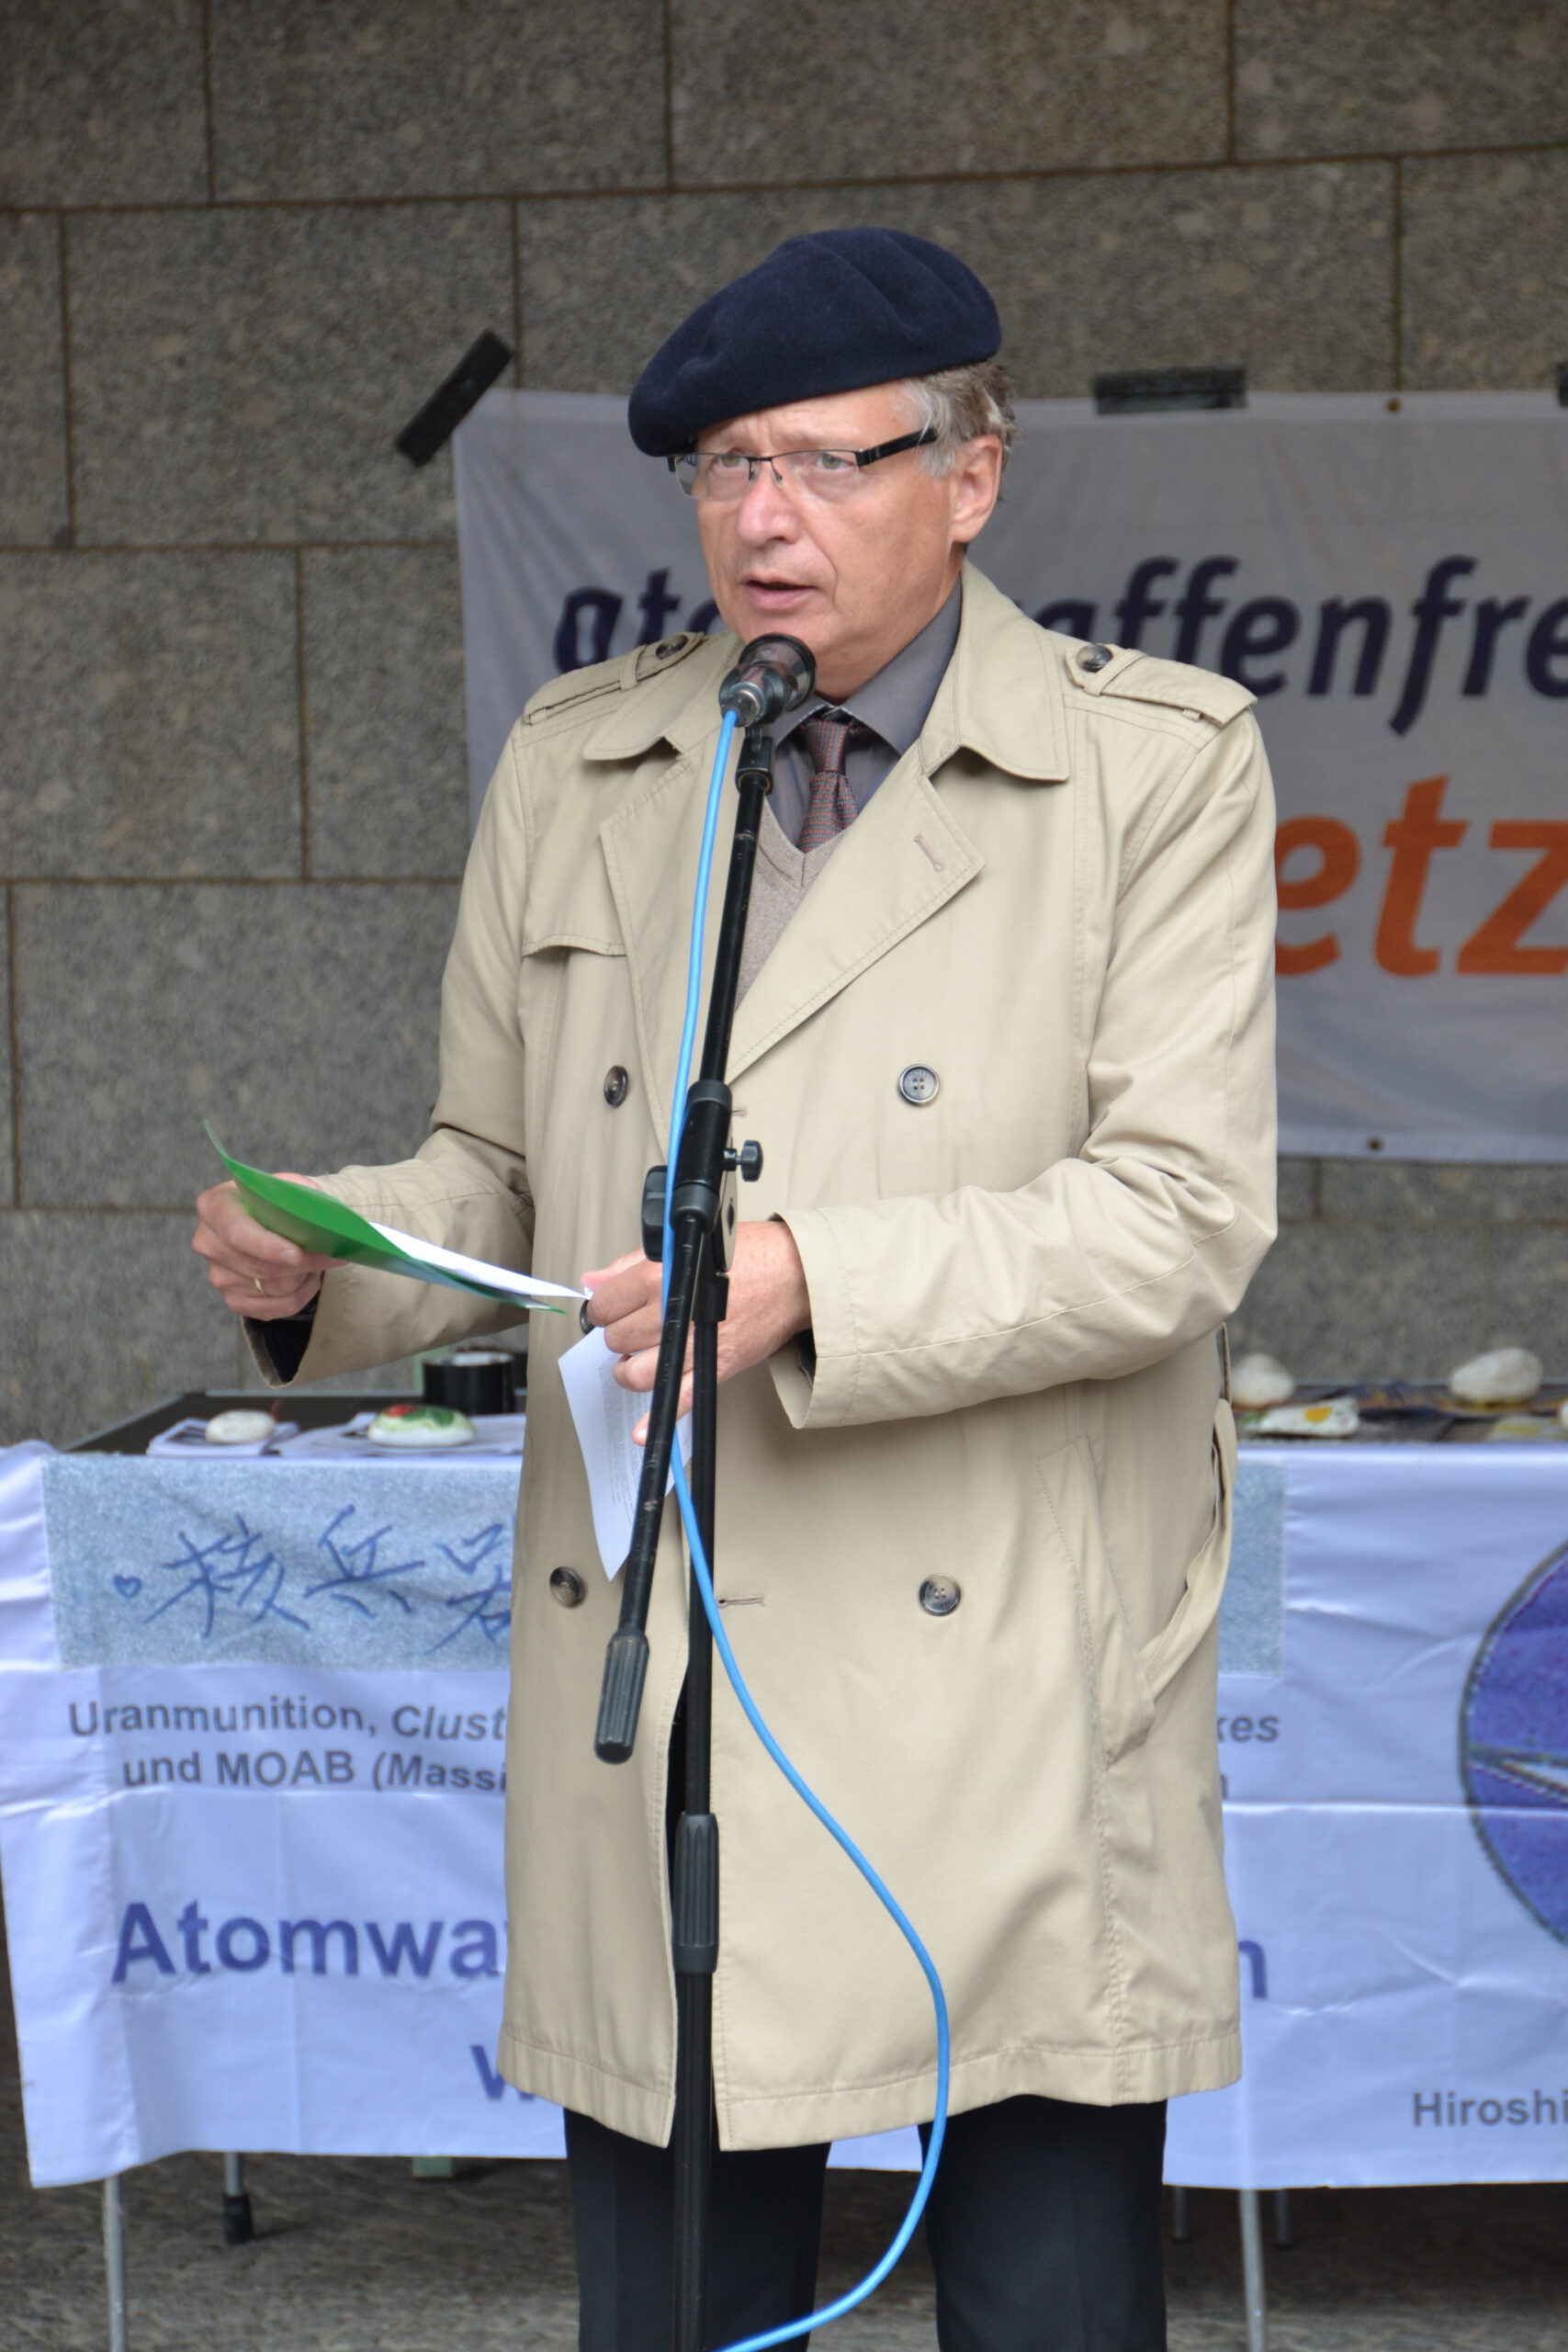 """Ein mittelalter Mann mit hellem Trenchcoat und schwarzer Mütze spricht in ein Mikro. Im Hintergrund ist ein Banner mit """"atomwaffenfrei Jetzt!"""" zu erkennen."""